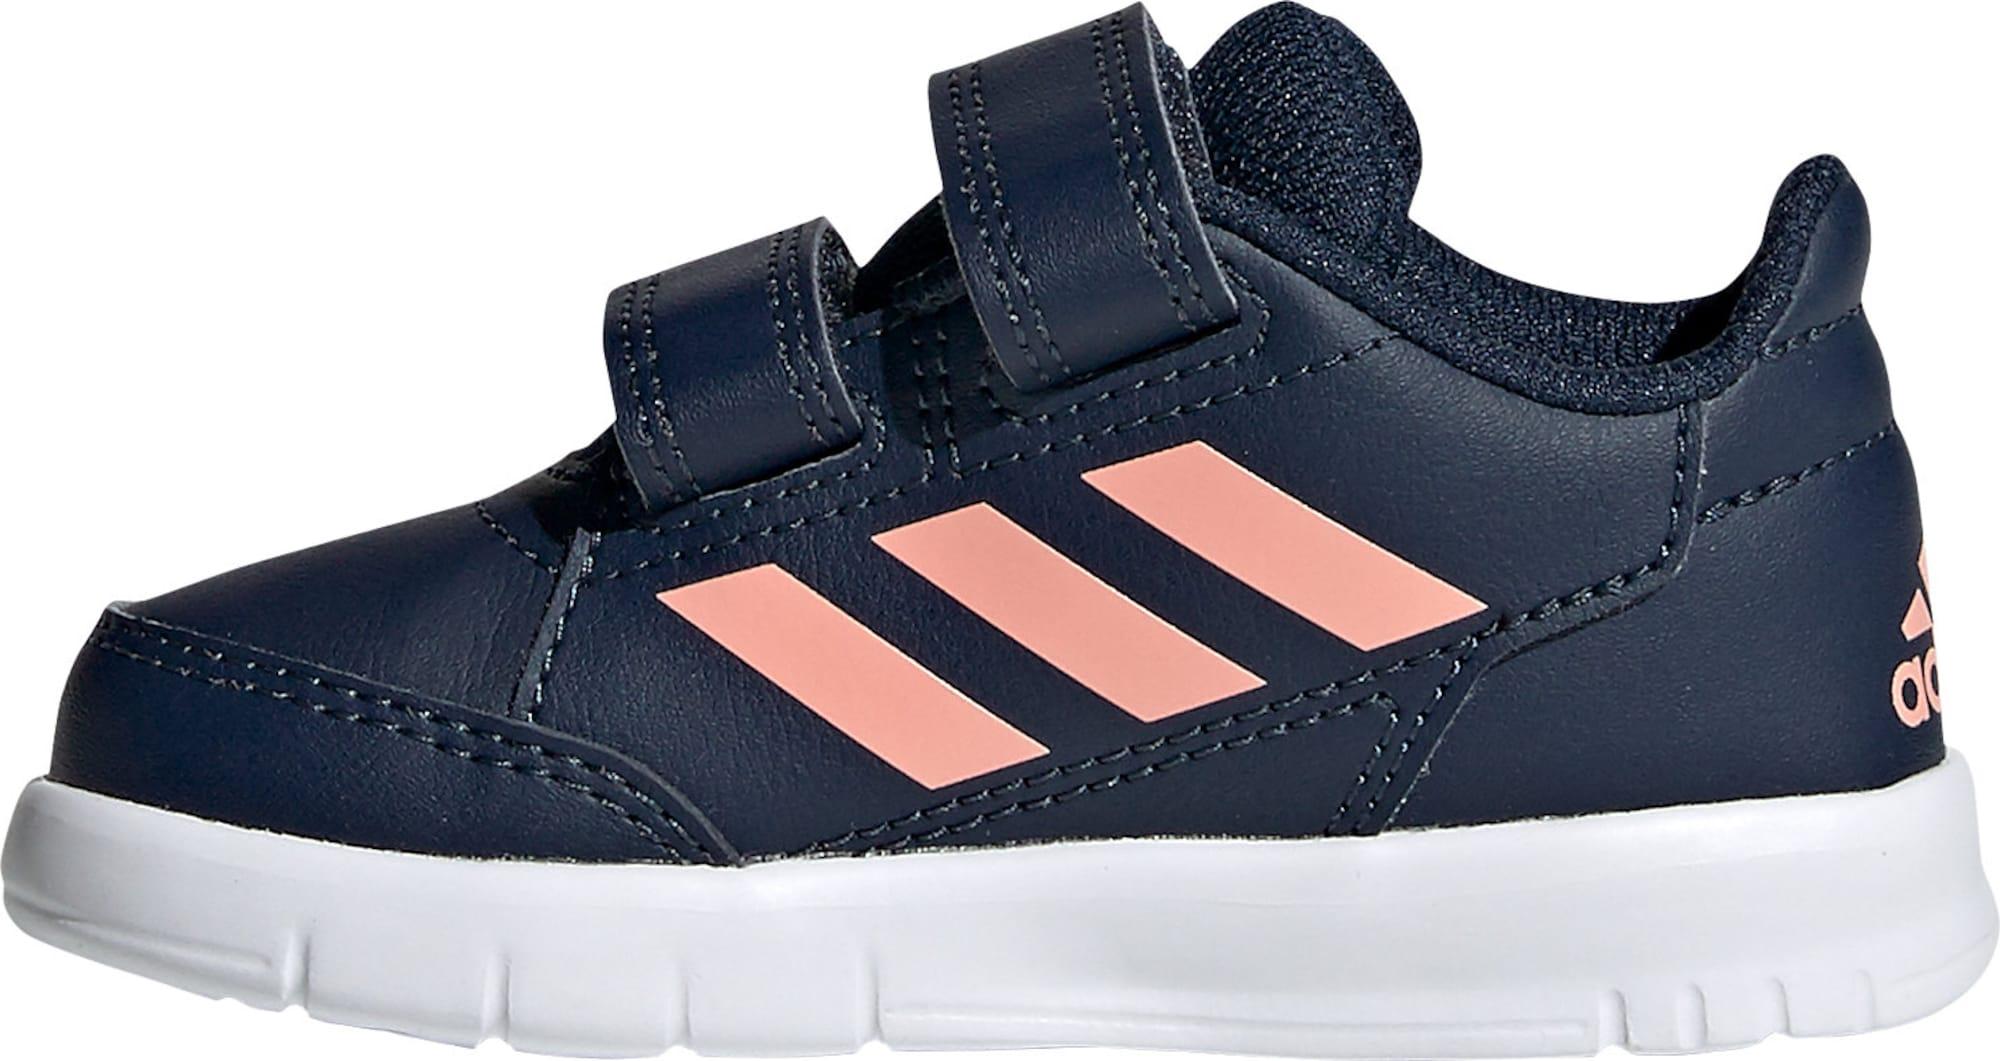 Sportovní boty AltaSport CF I námořnická modř růžová ADIDAS PERFORMANCE